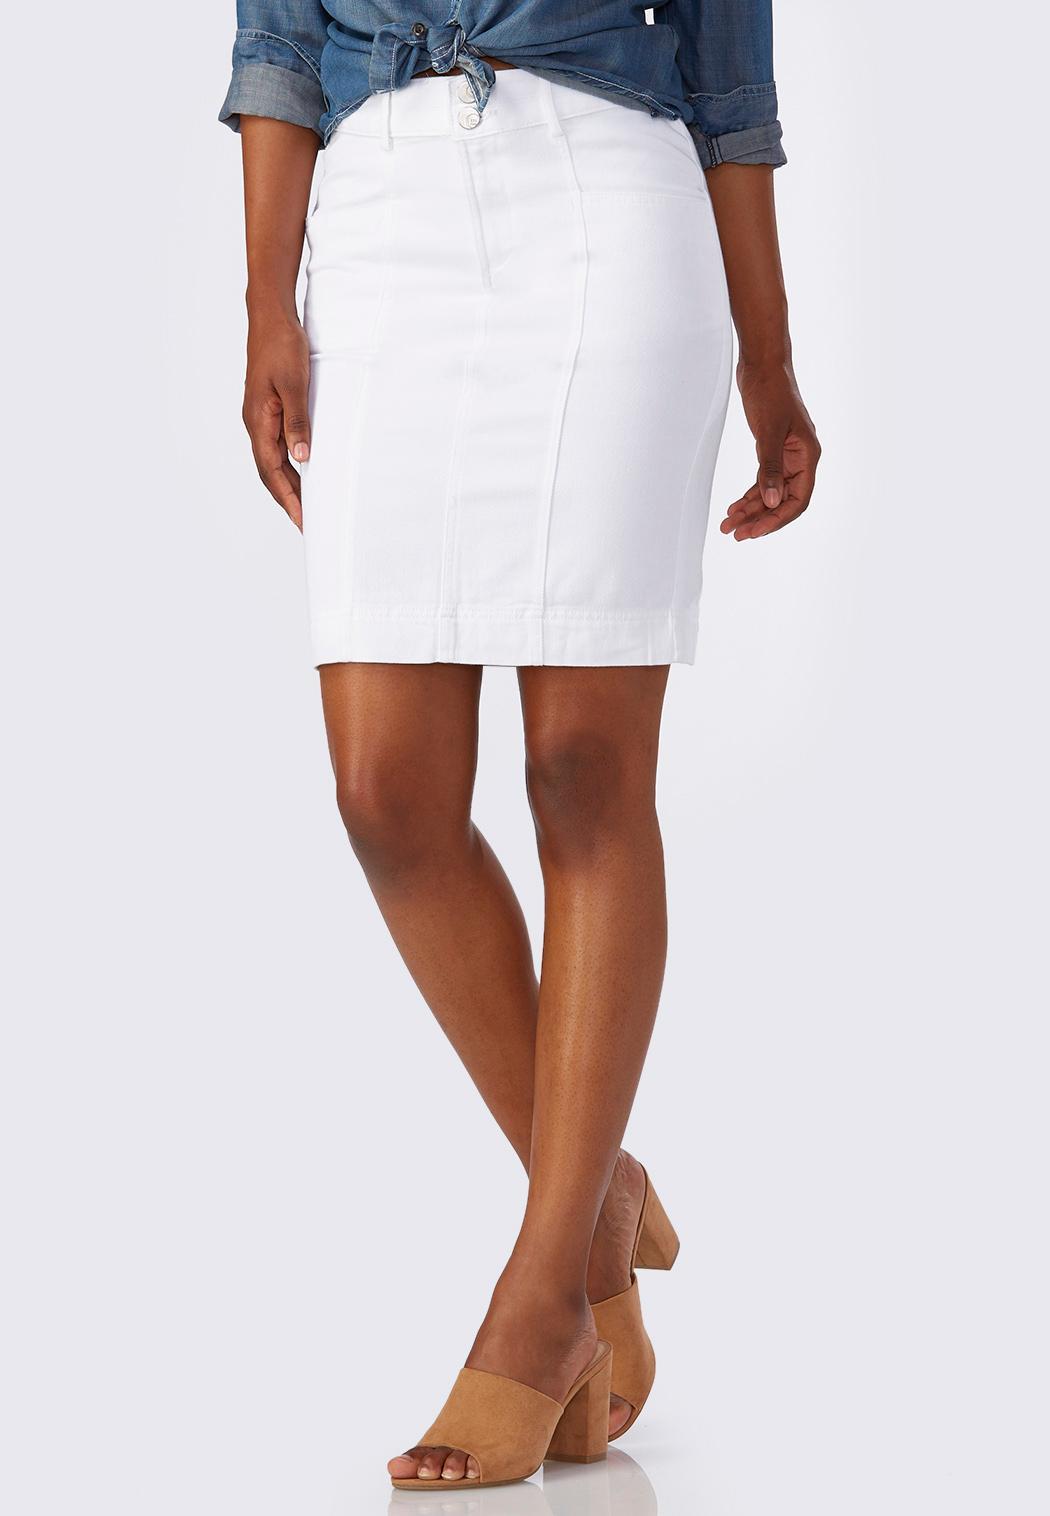 White Denim Pencil Skirt Skirts | Cato Fashions